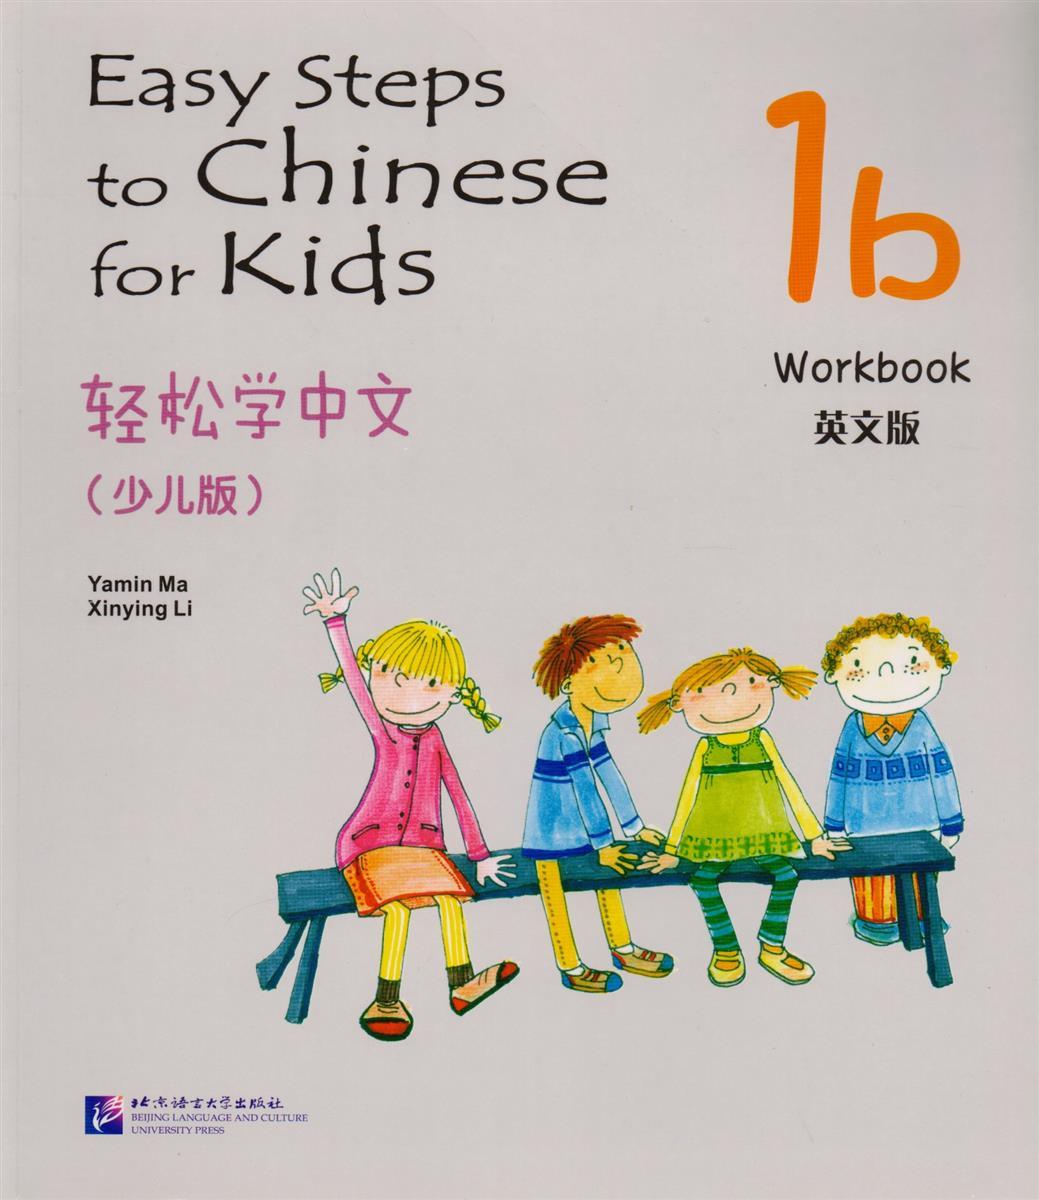 Yamin Ma Easy Steps to Chinese for kids 1B - WB / Легкие Шаги к Китайскому для детей. Часть 1B - Рабочая тетрадь (на китайском и английском языках) декор ape ceramica capricho de los zares karl rosa 20x20